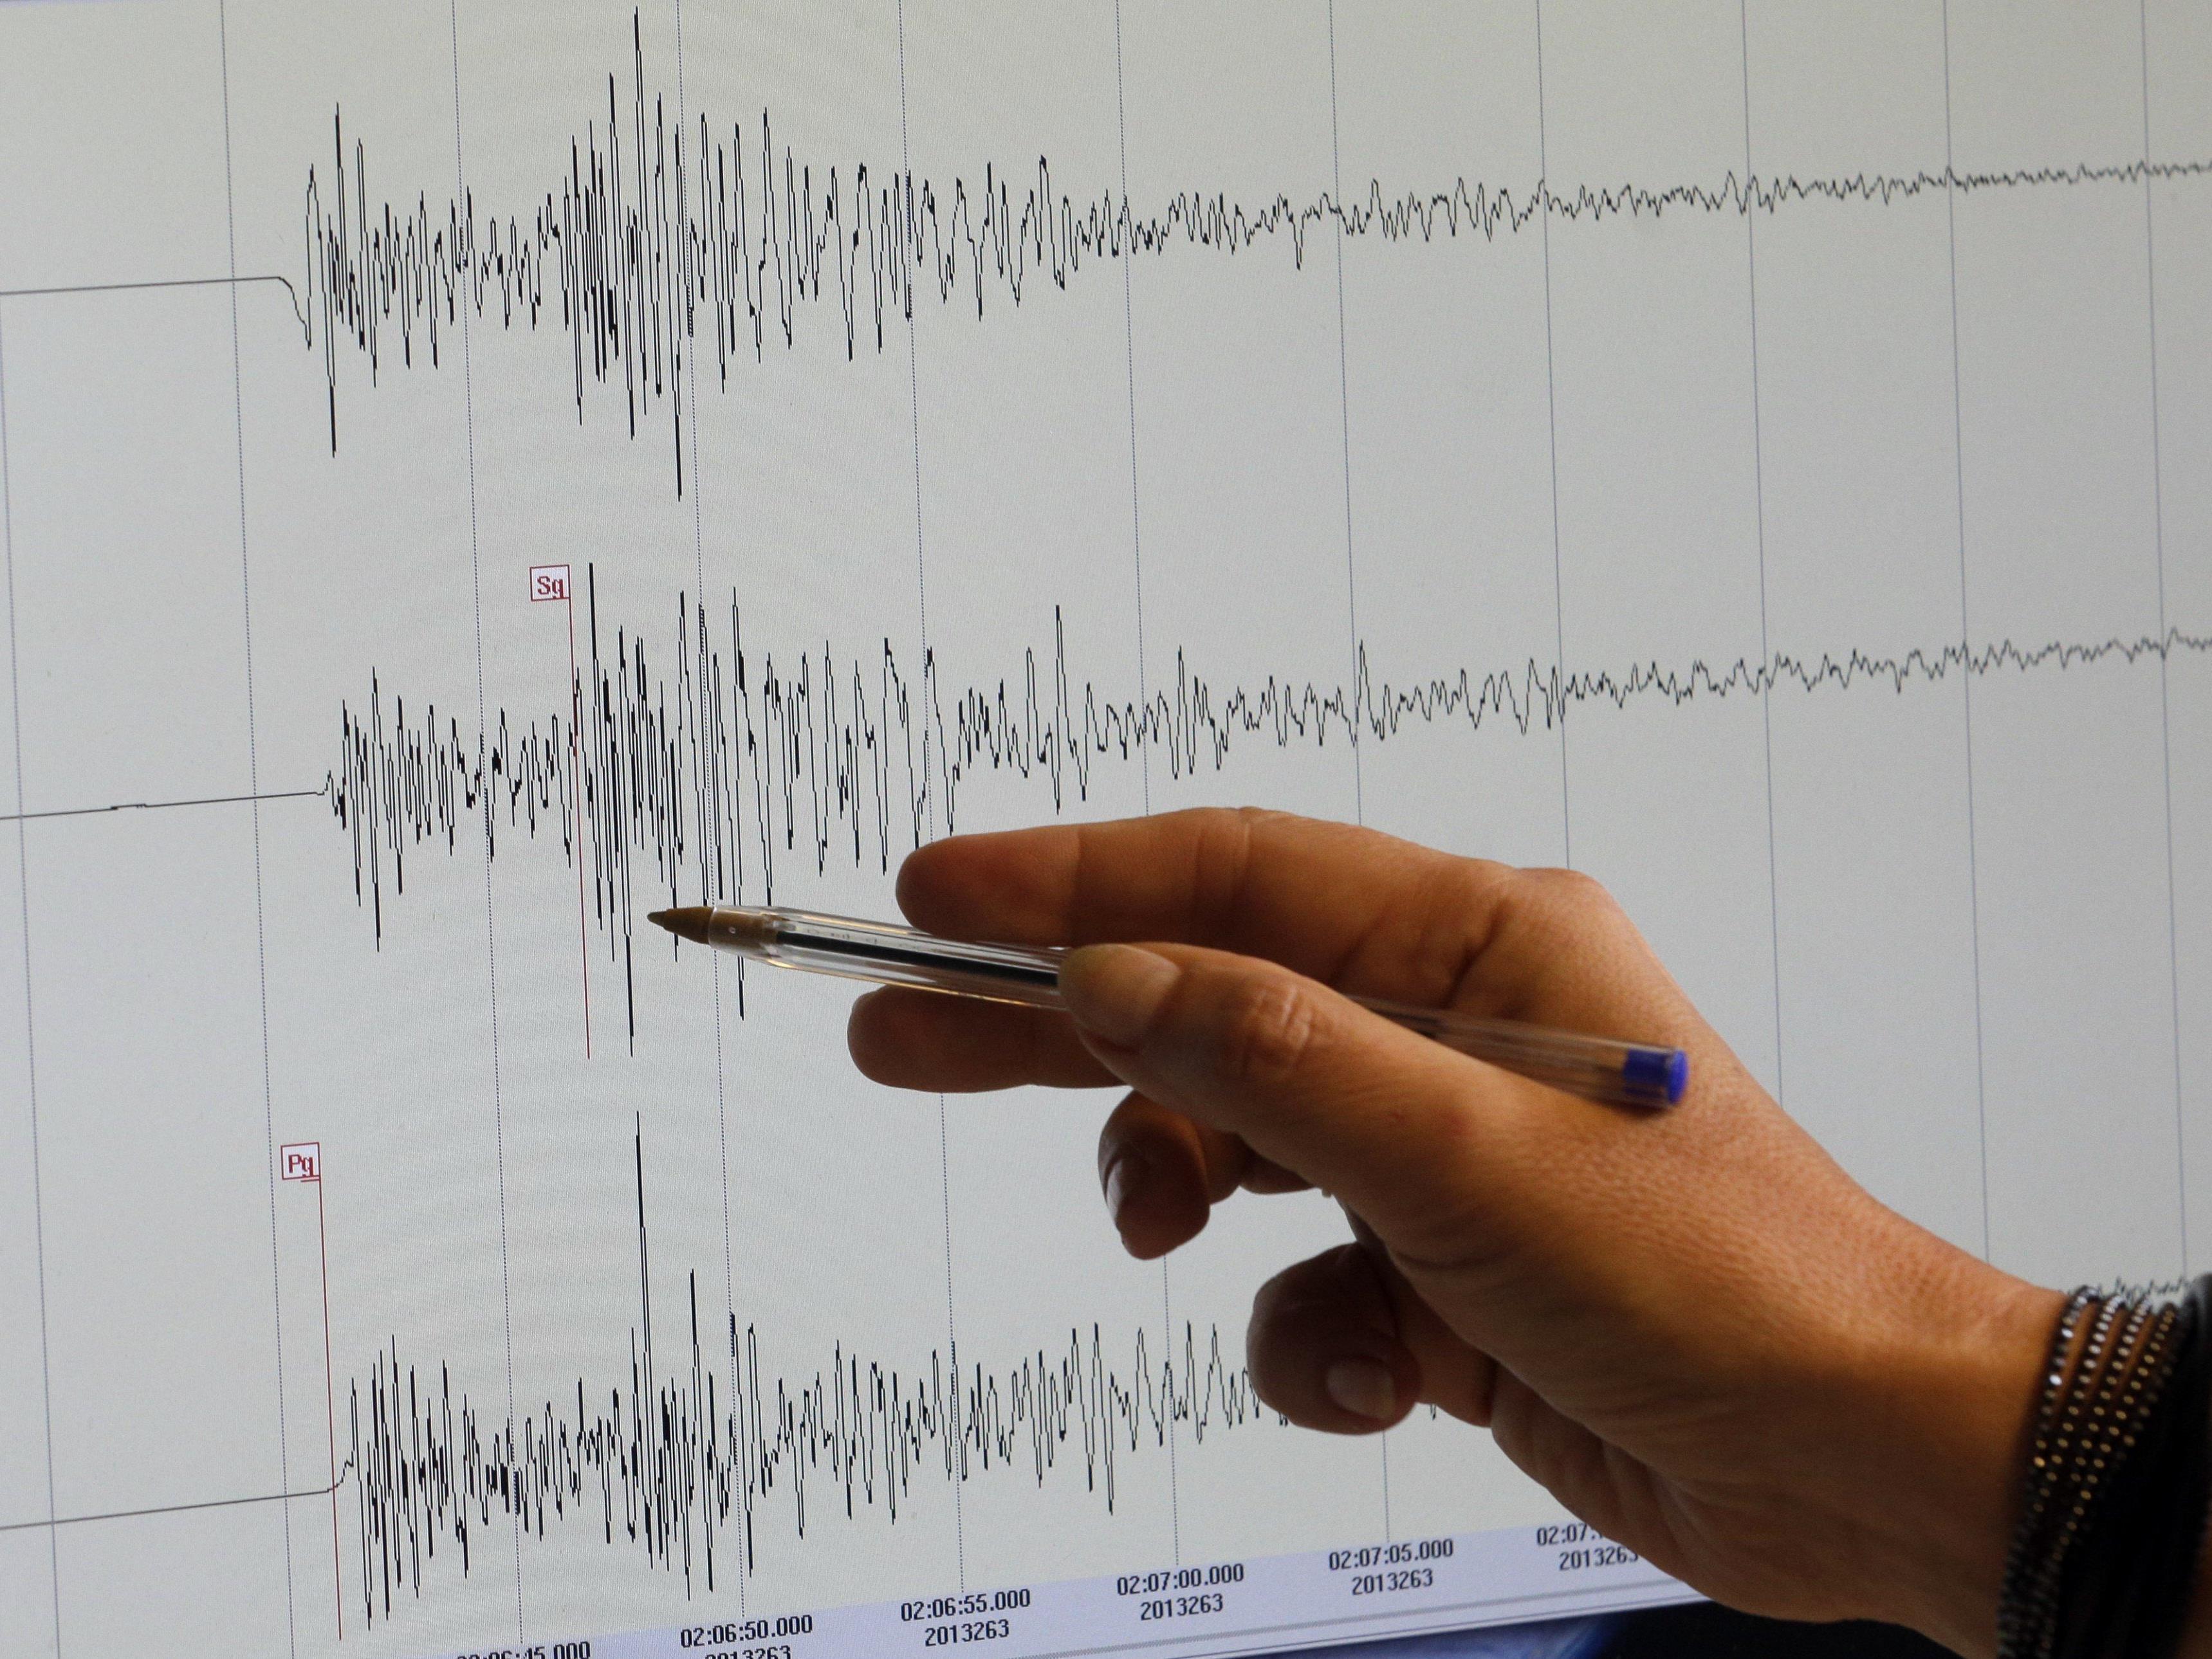 Leichtes Beben erschüttert Vorarlberg - keine Schäden bekannt